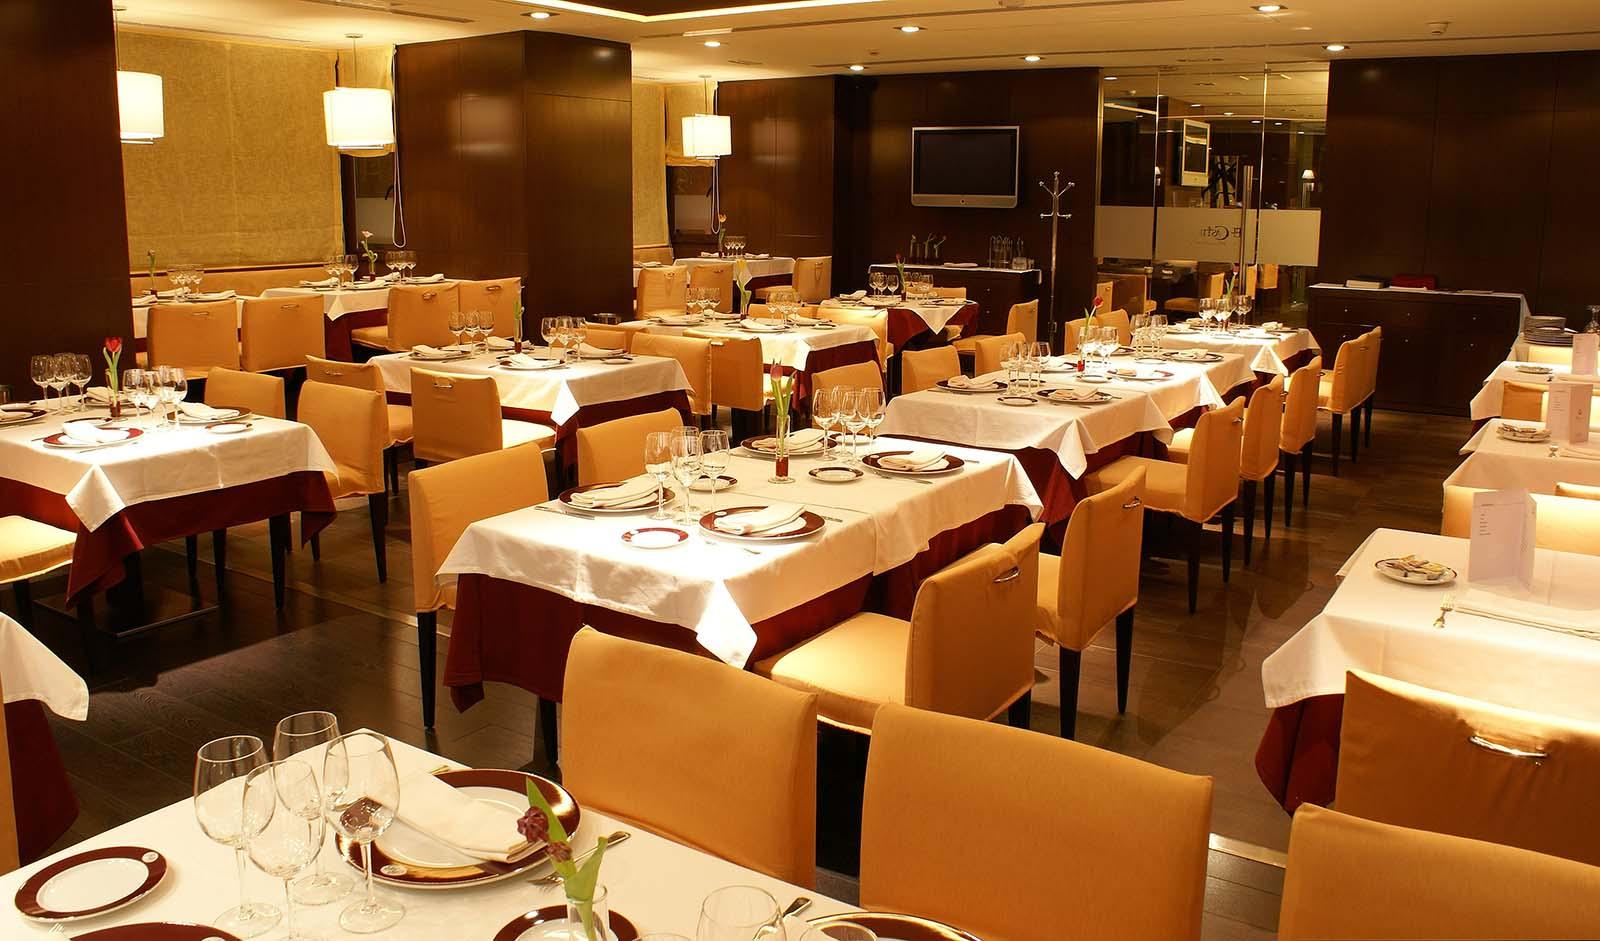 Restaurante Hotel Mirador de Gredos - Comedor noche